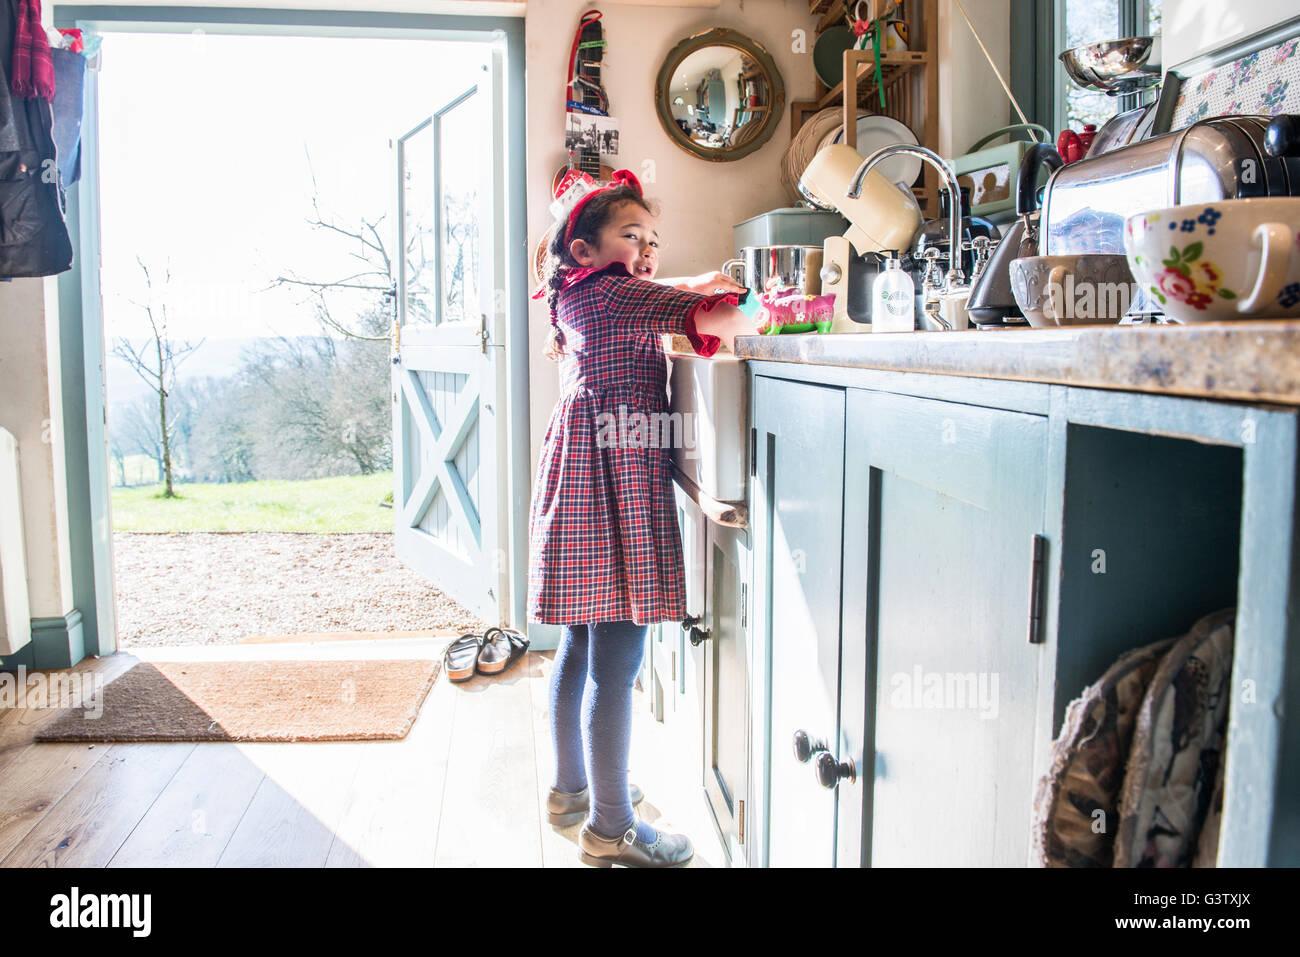 Ein sechs Jahre altes Mädchen stehend Geschirrspülen in einer Küchenspüle. Stockbild